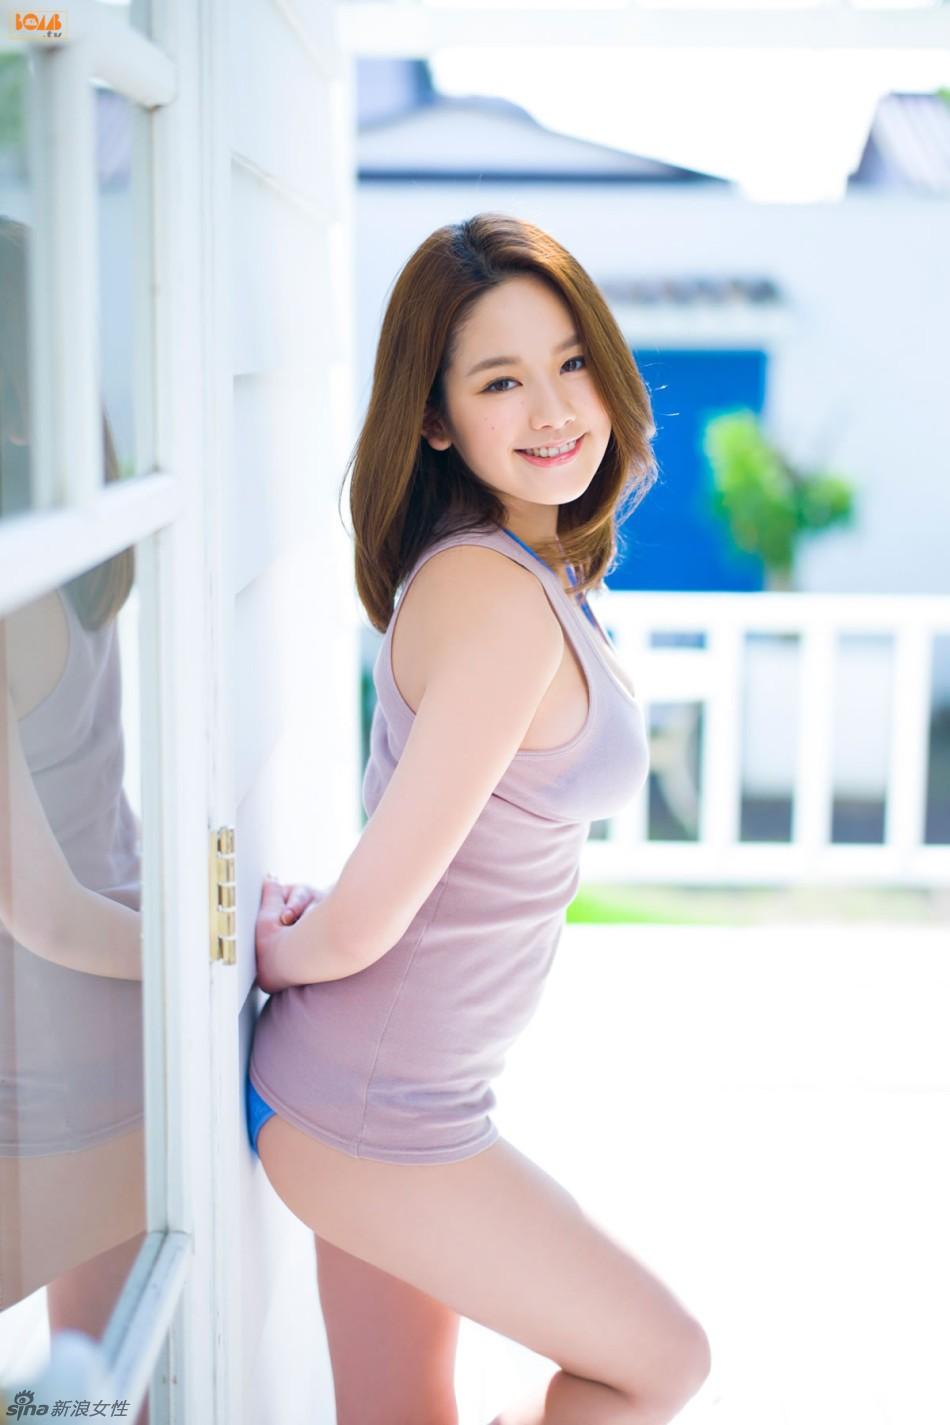 日韩女优噜噜色图片_【高清特刊】超越色情的艺术全球精彩人体彩